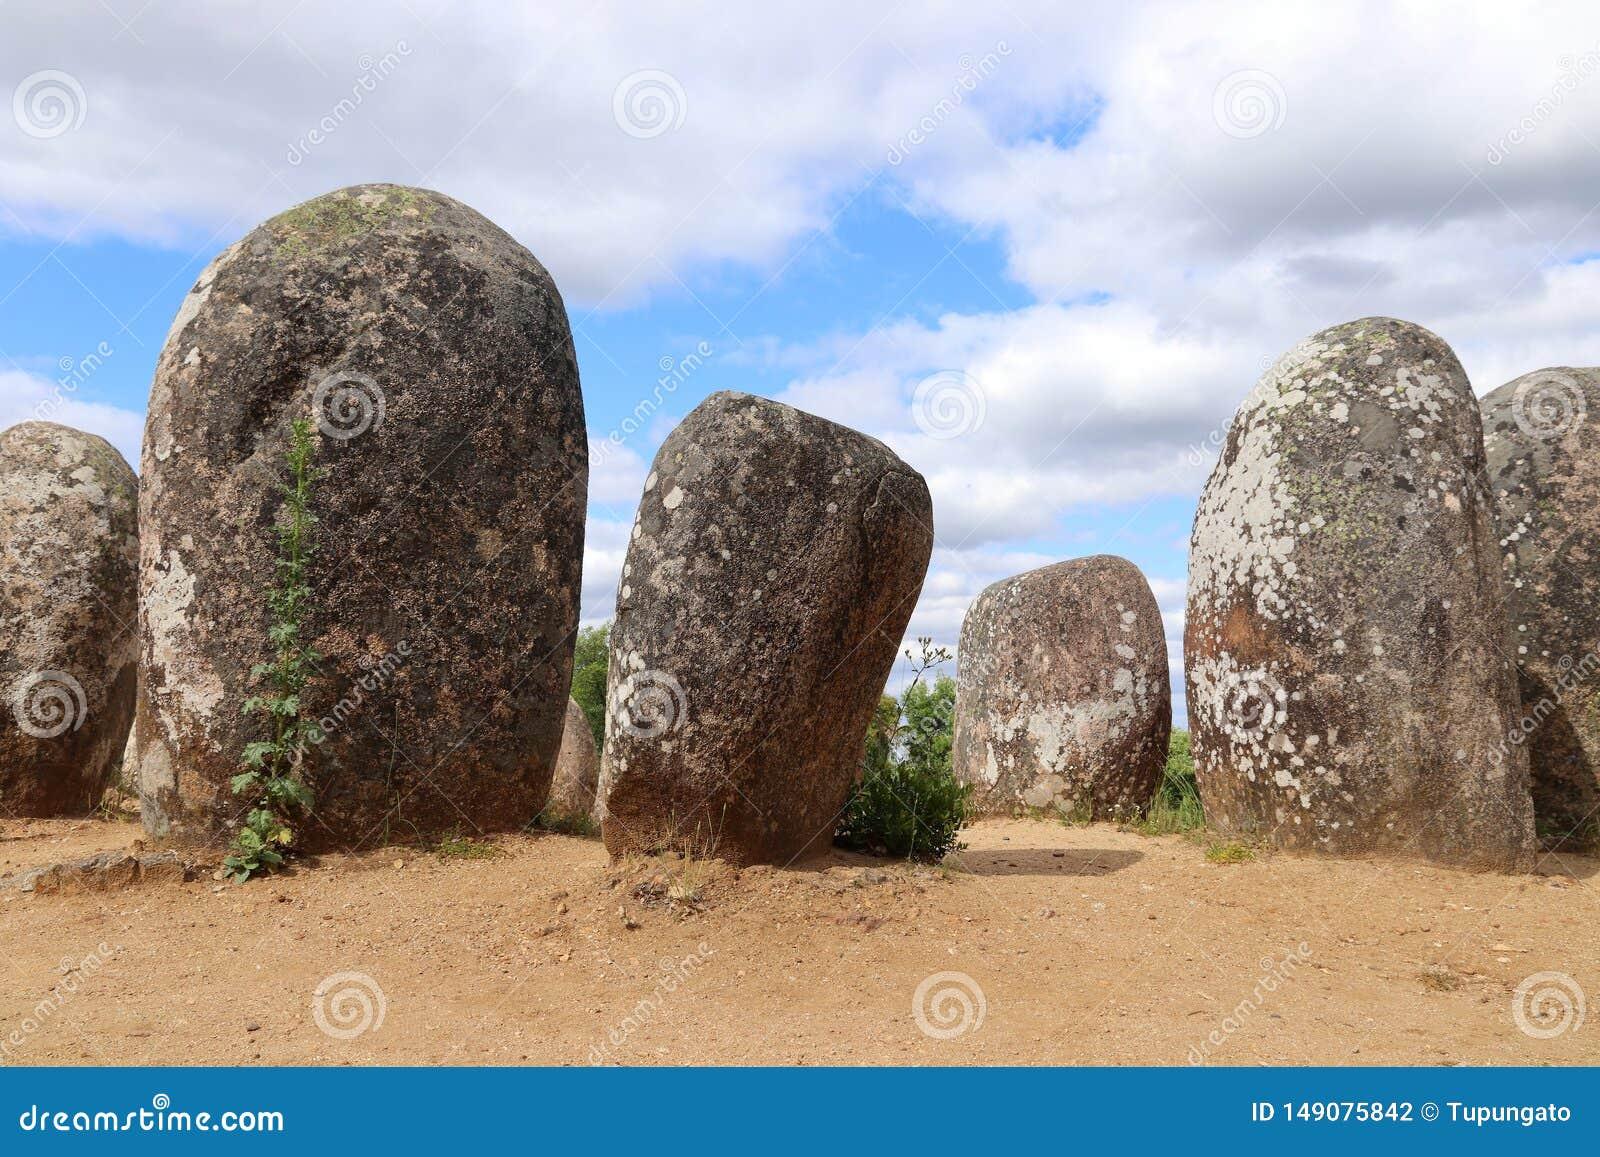 Неолитические памятники